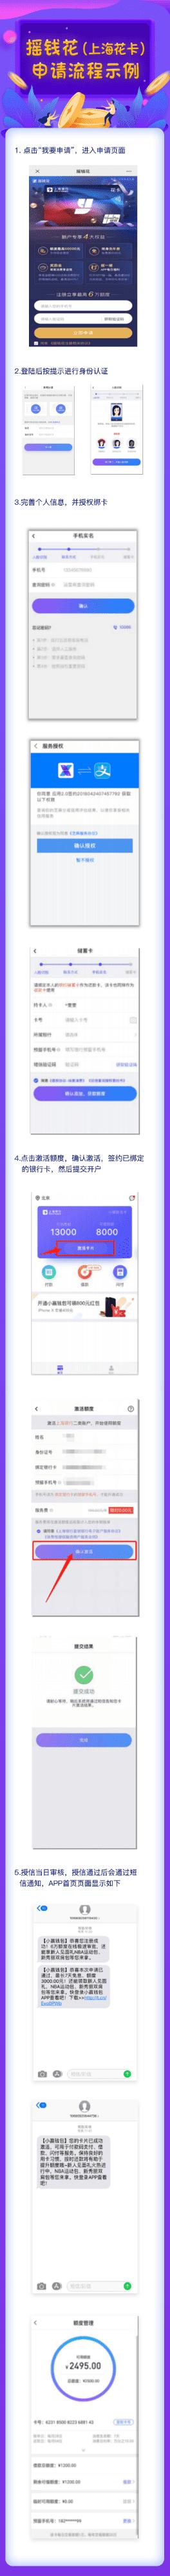 摇钱花是不是黑网贷 上海银行摇钱花是信用卡吗插图